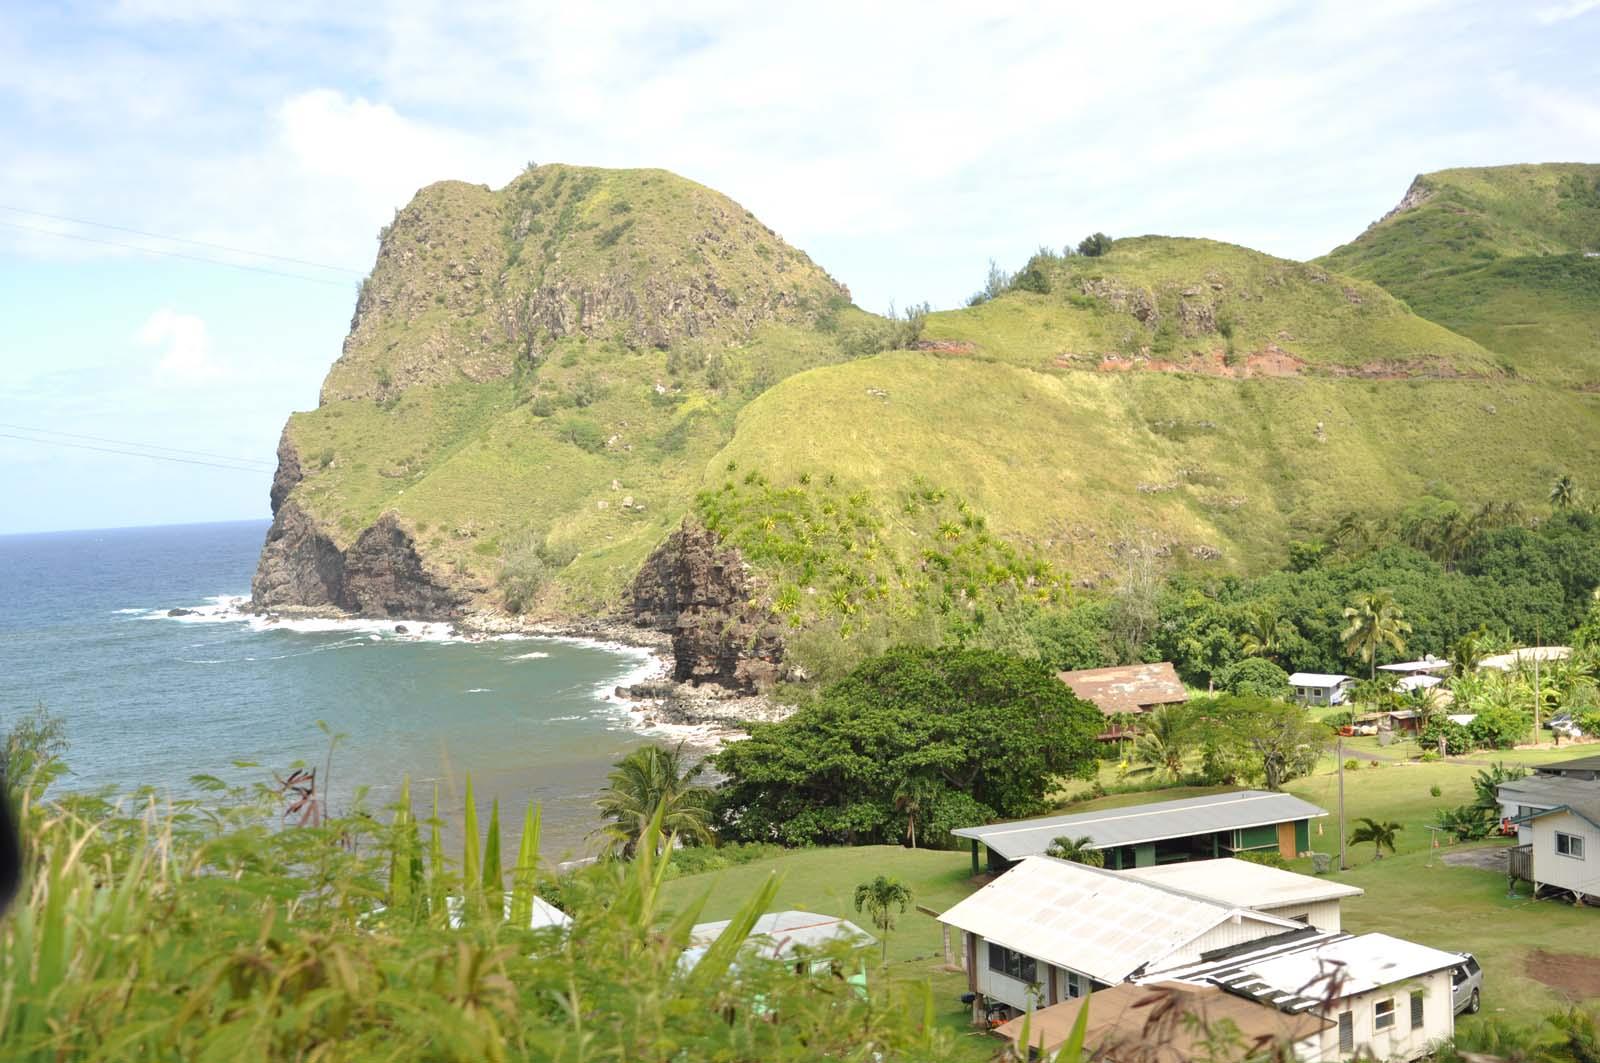 024_west_coast_maui_hawaii